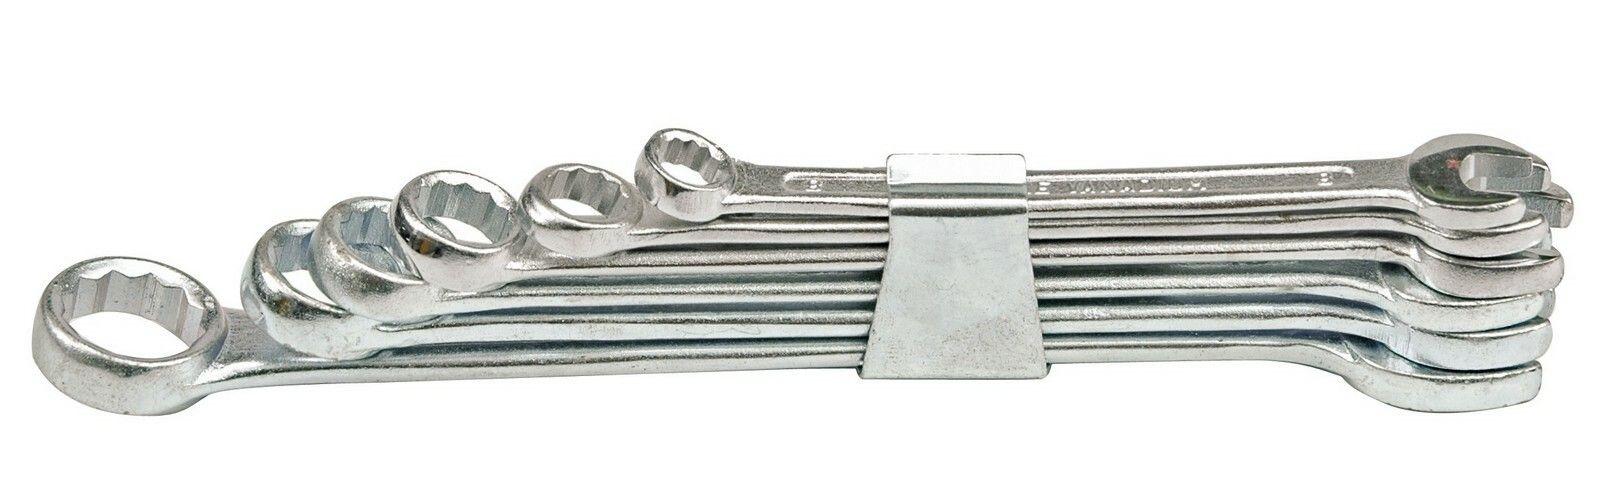 Sada klíčů očkoplochých 6 ks 8 - 17 mm spona